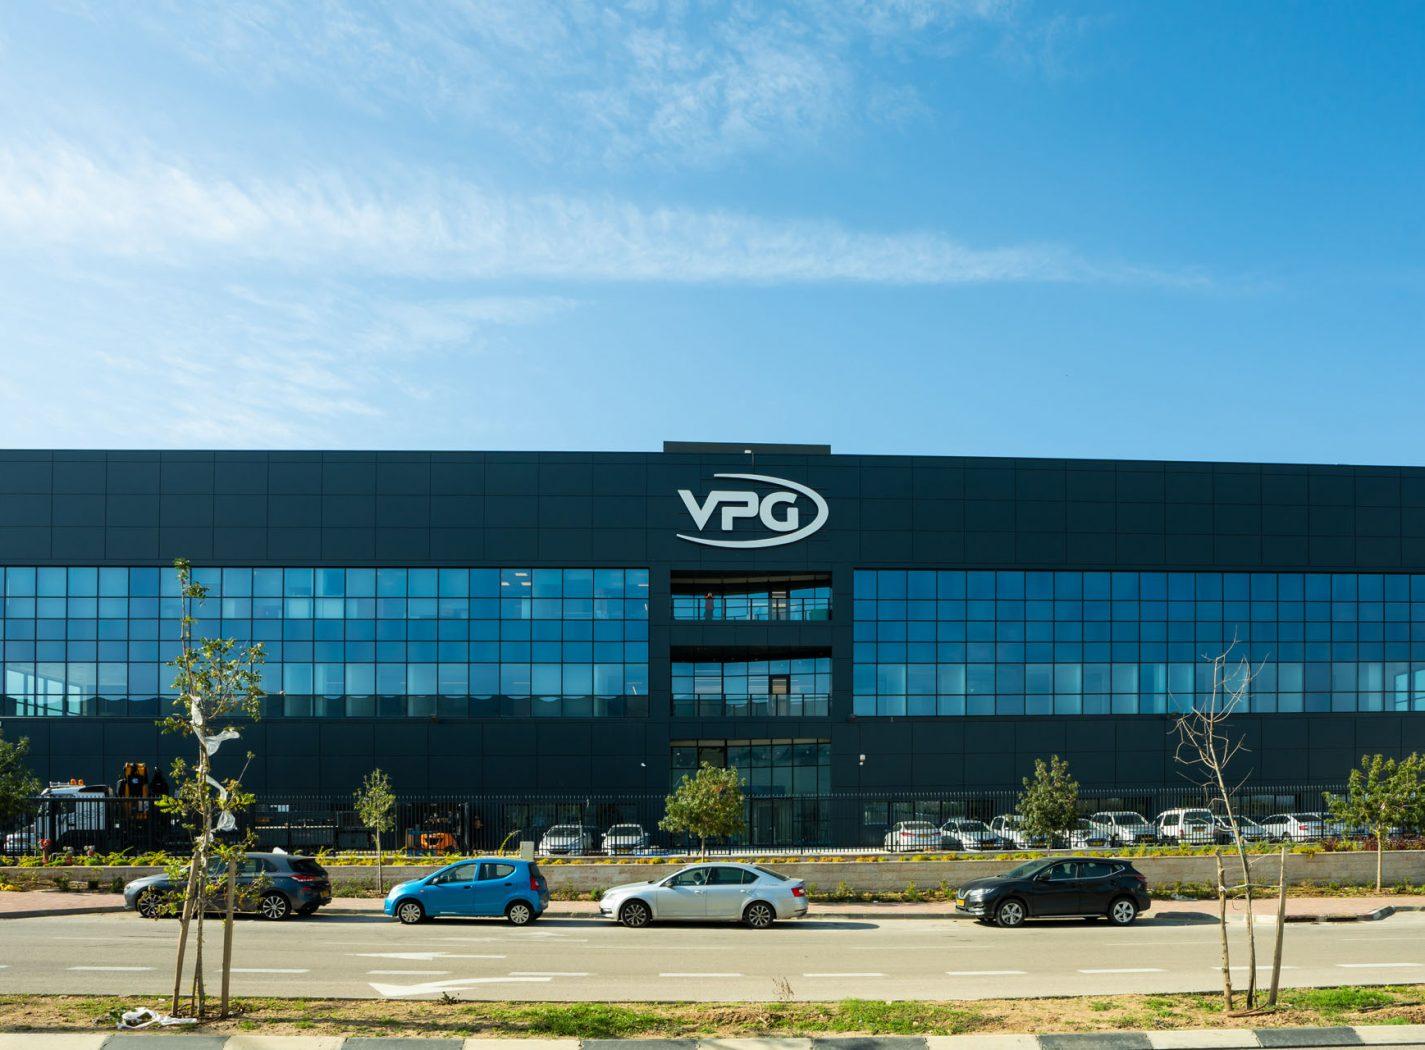 צילום של מרכז ניהול VPG